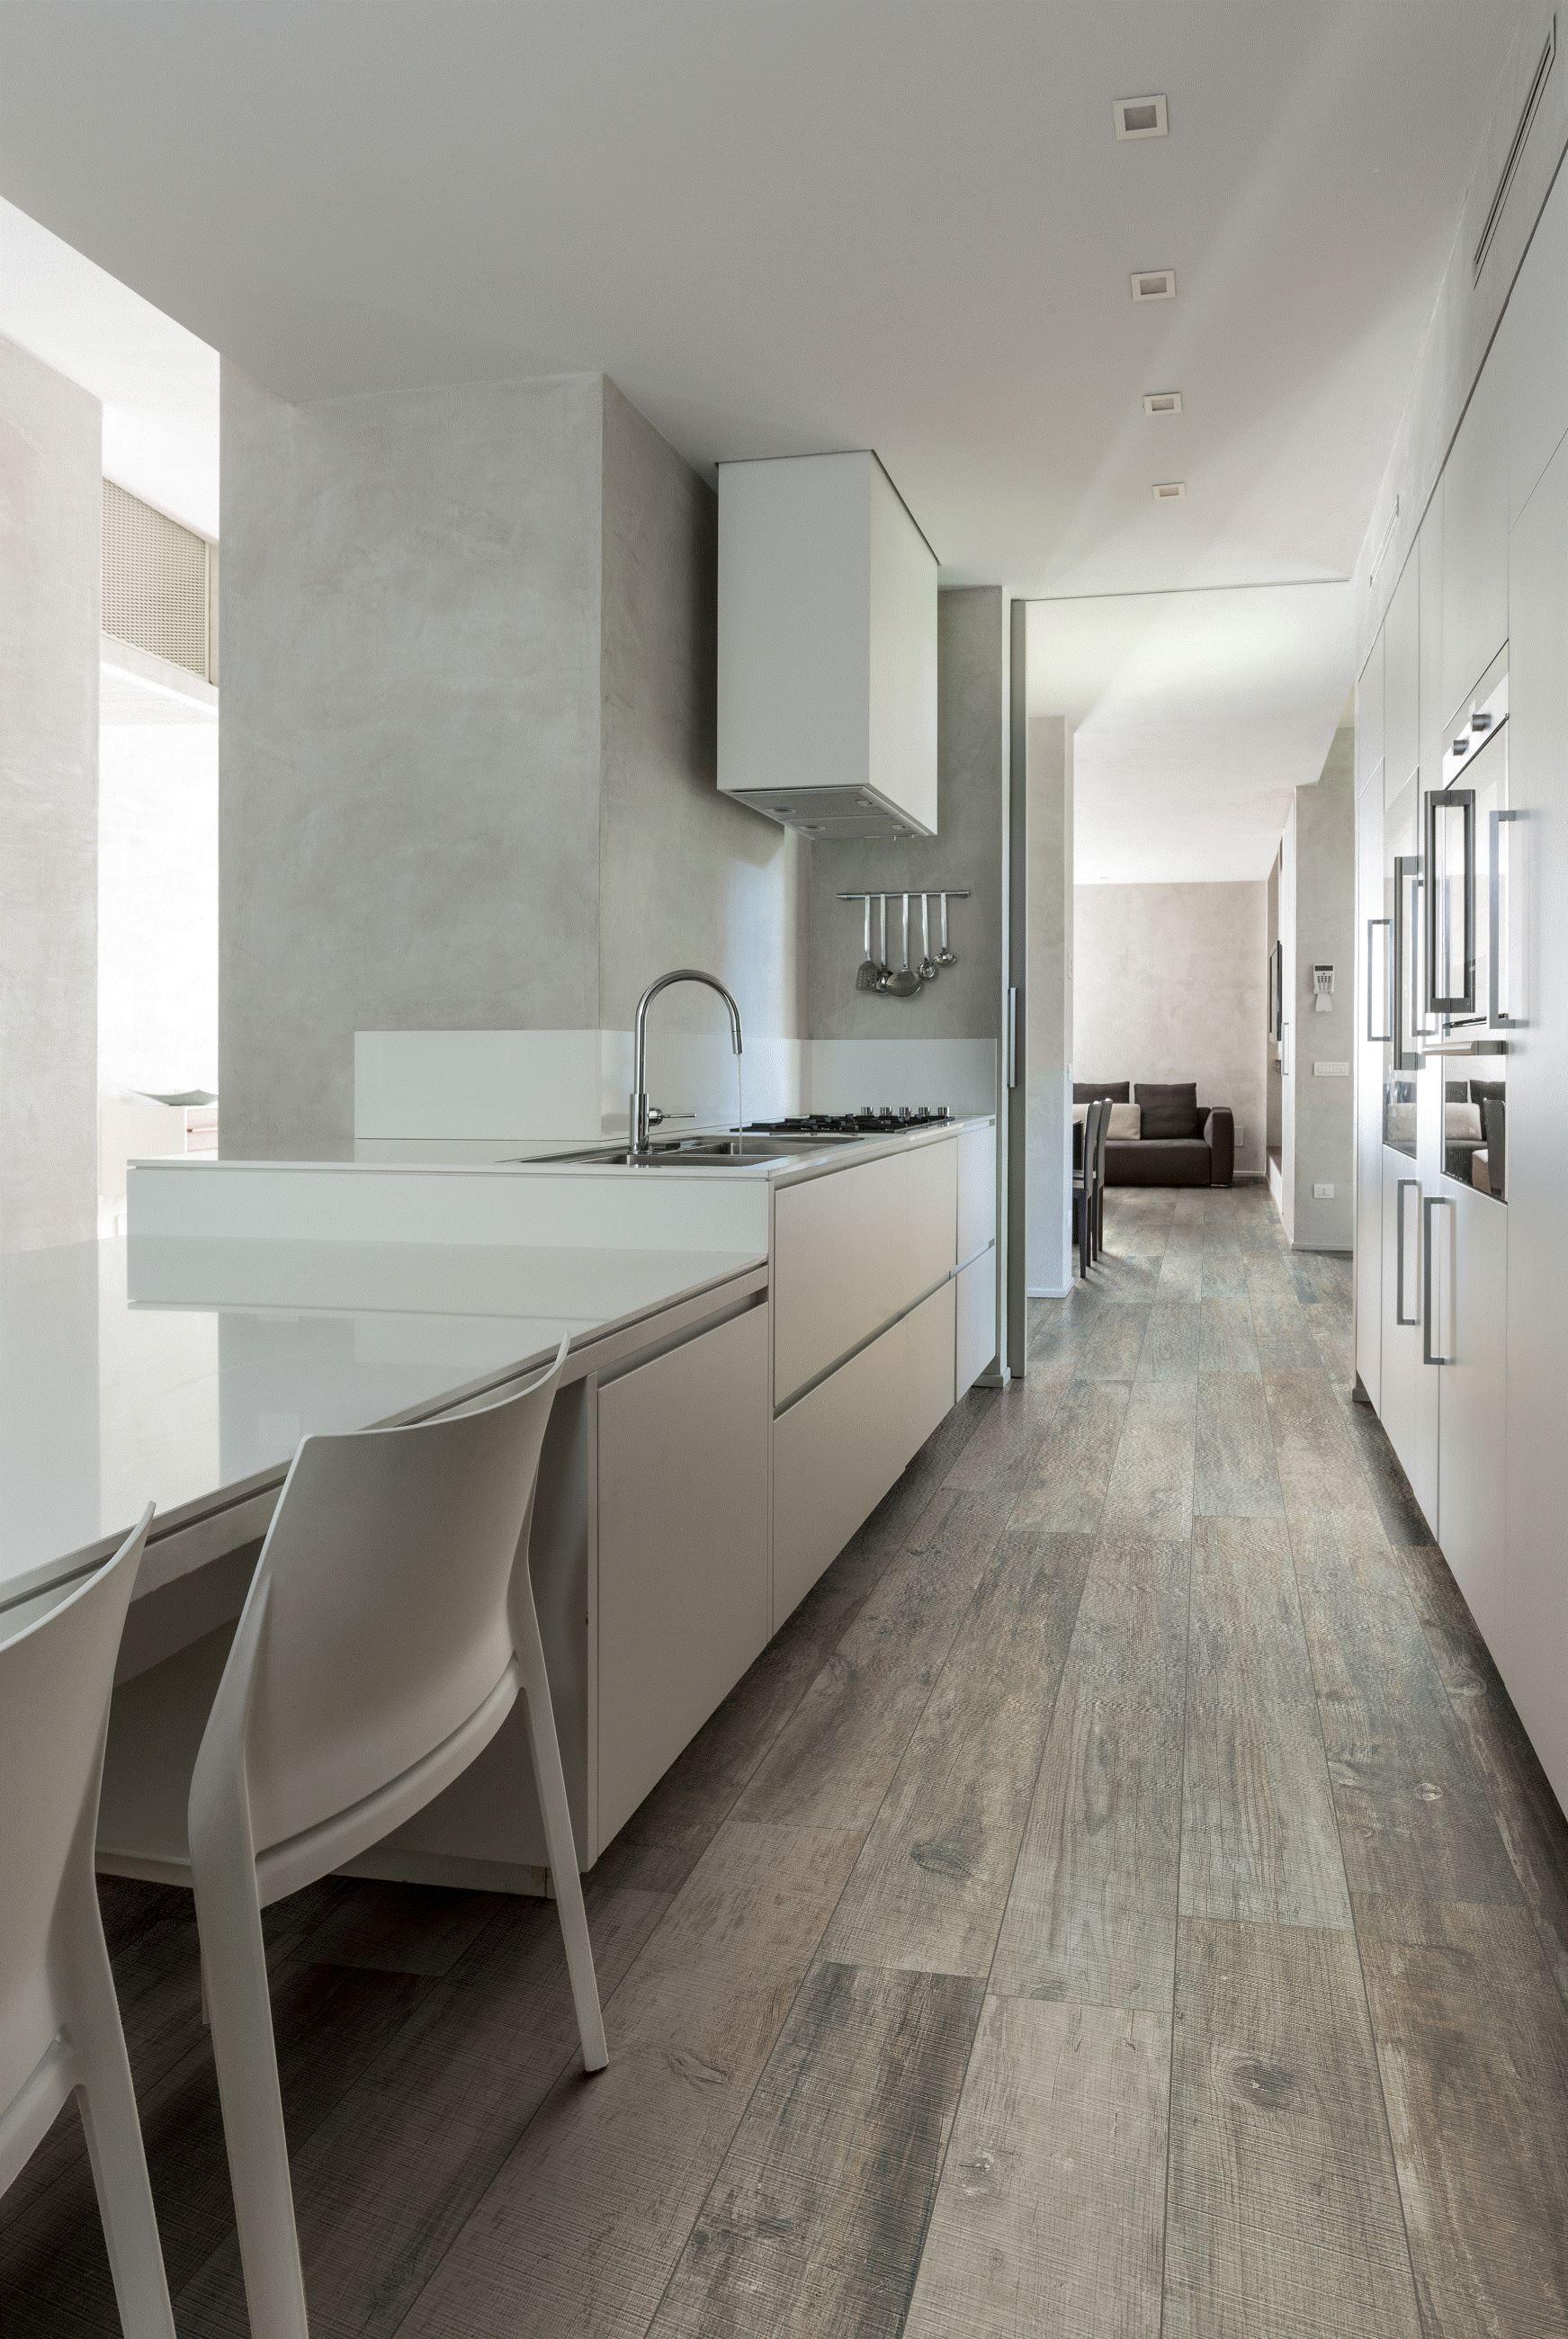 Wunderbar Moderner Bodenbelag Dekoration Von Moderne Hightech Küche Trifft Auf Designerfliesen In